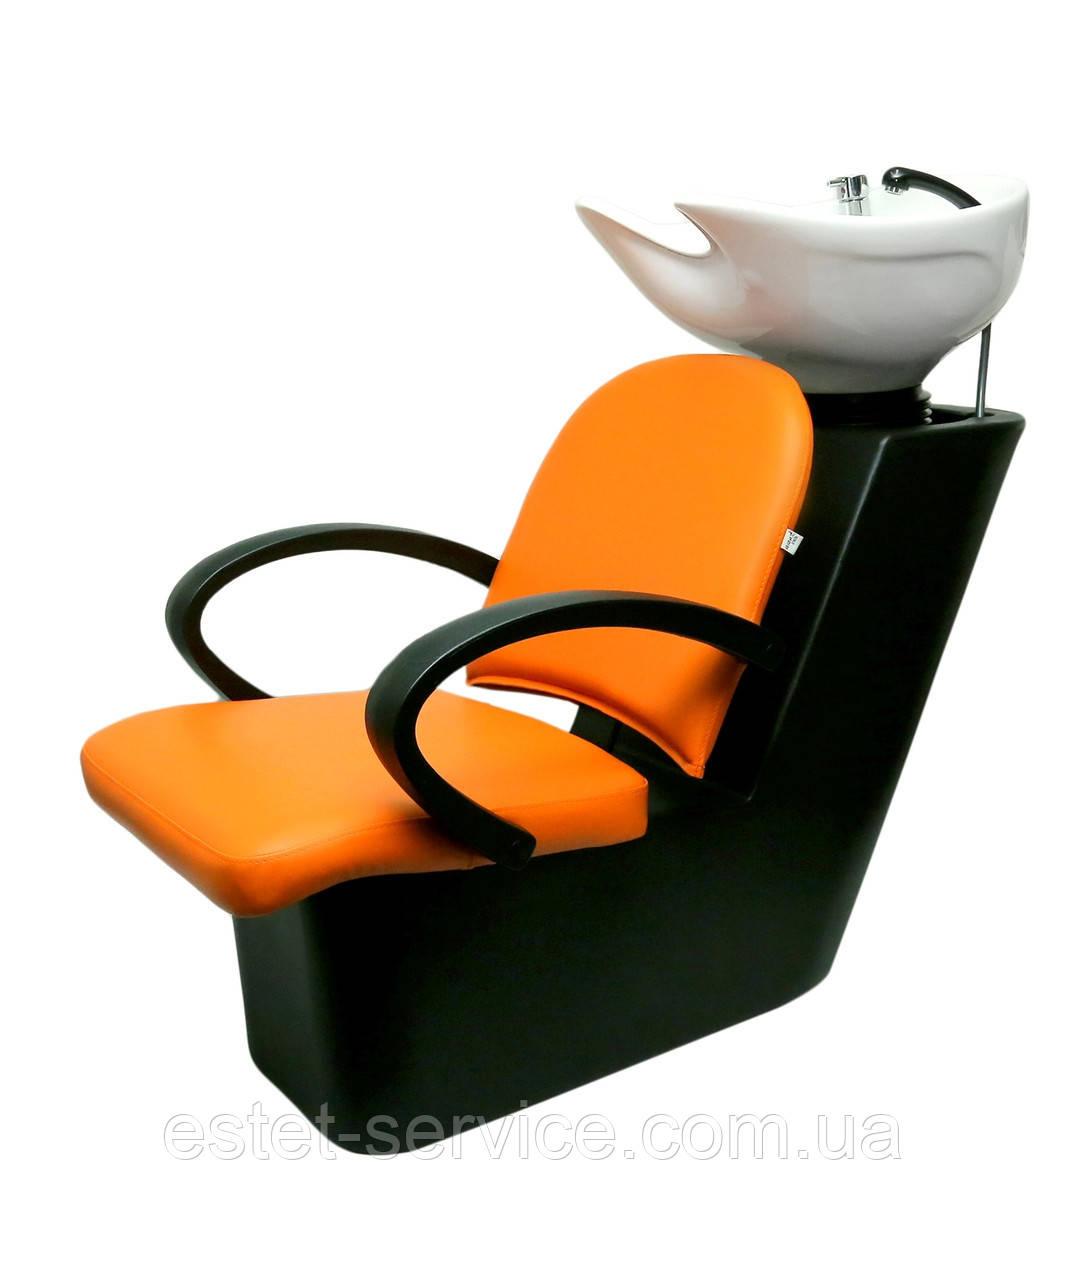 ПРИМА мойка с пластиковой станиной и креслом ЛУНА